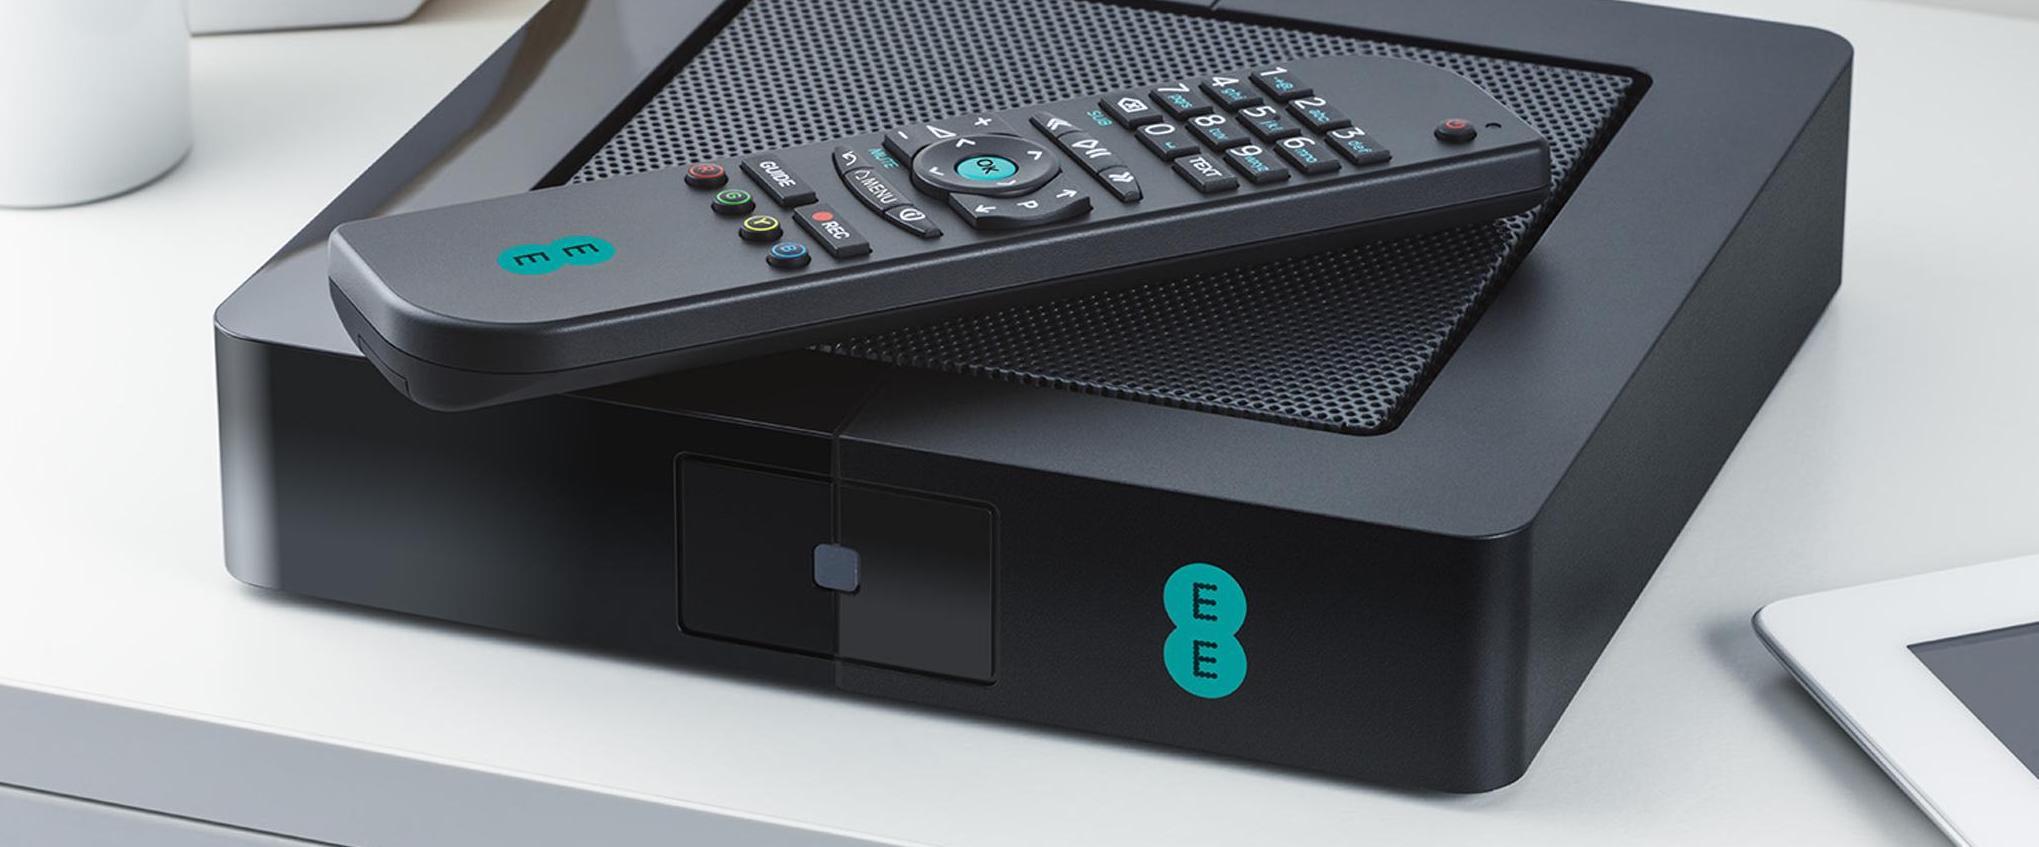 ee电视盒